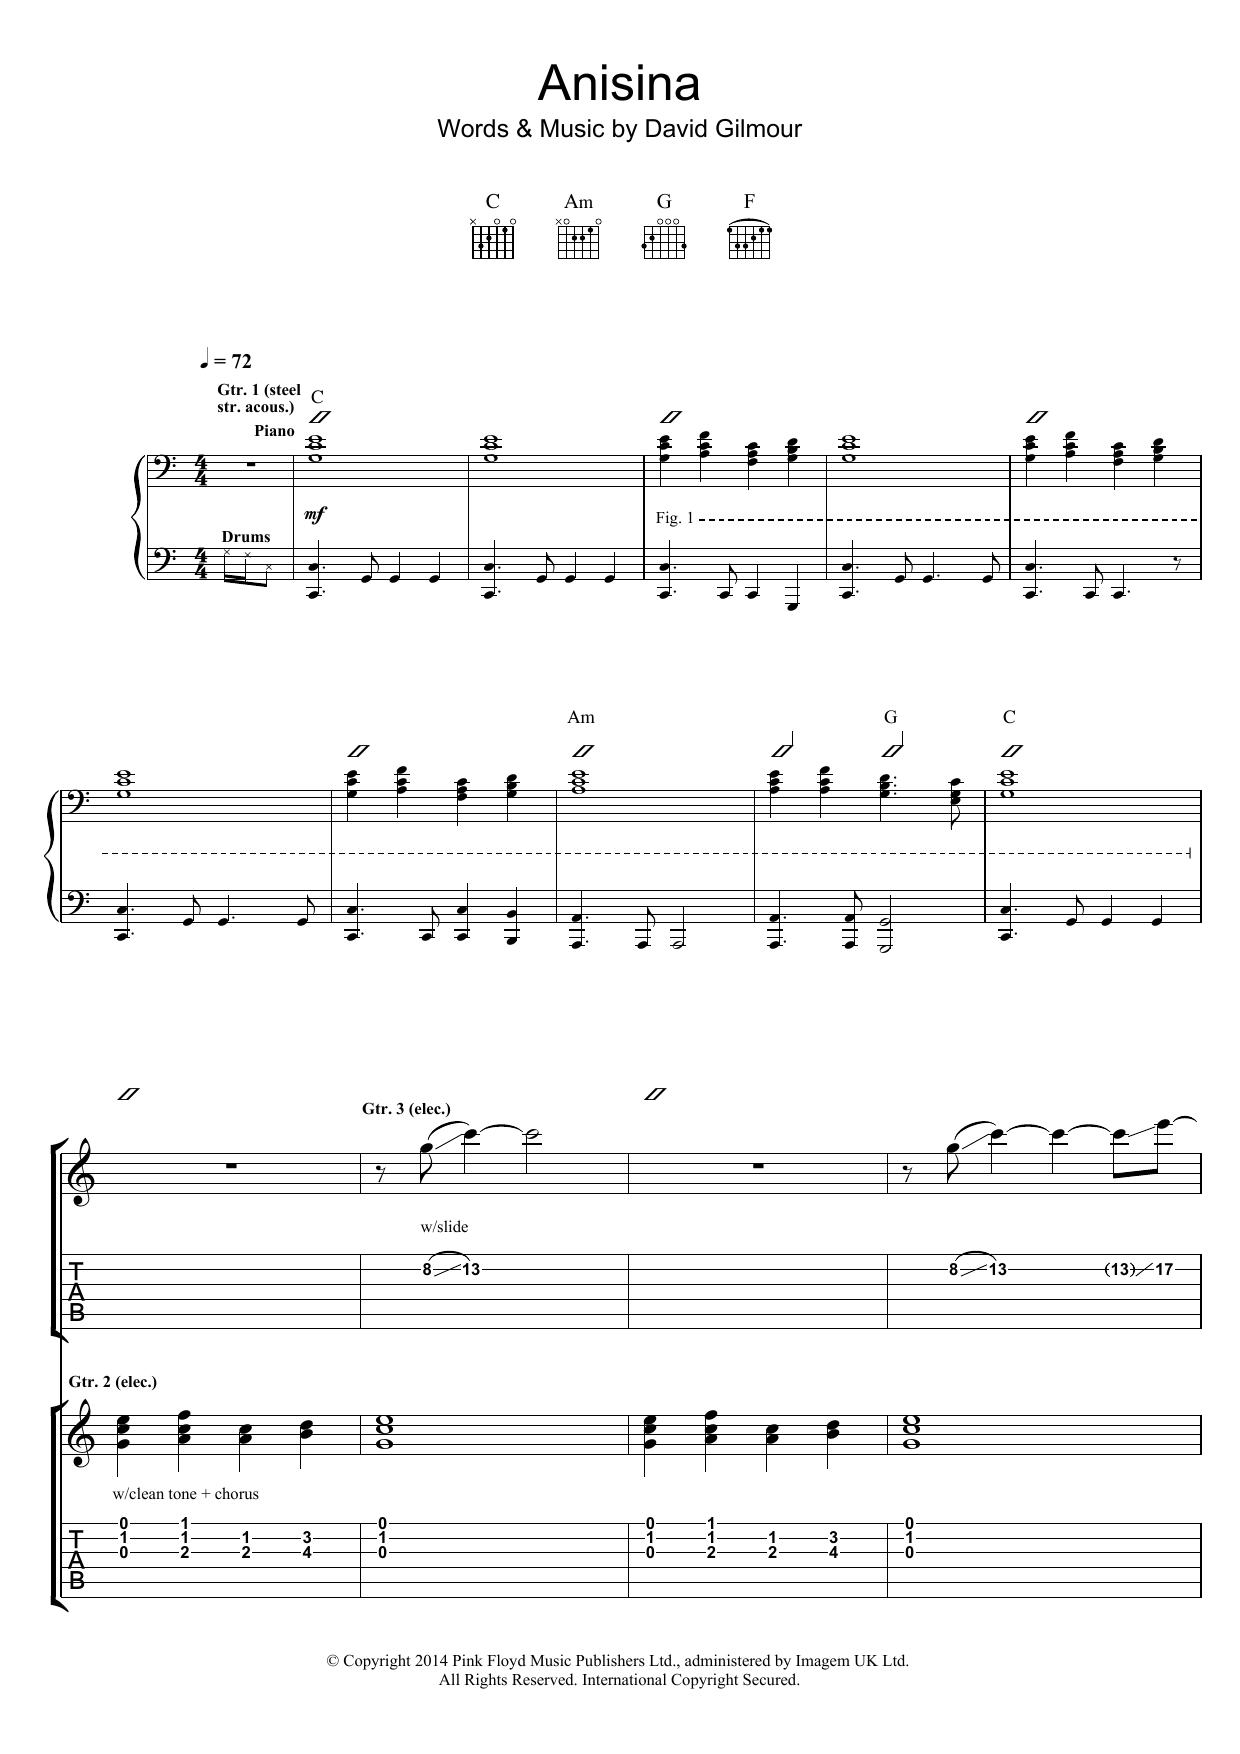 Anisina Sheet Music